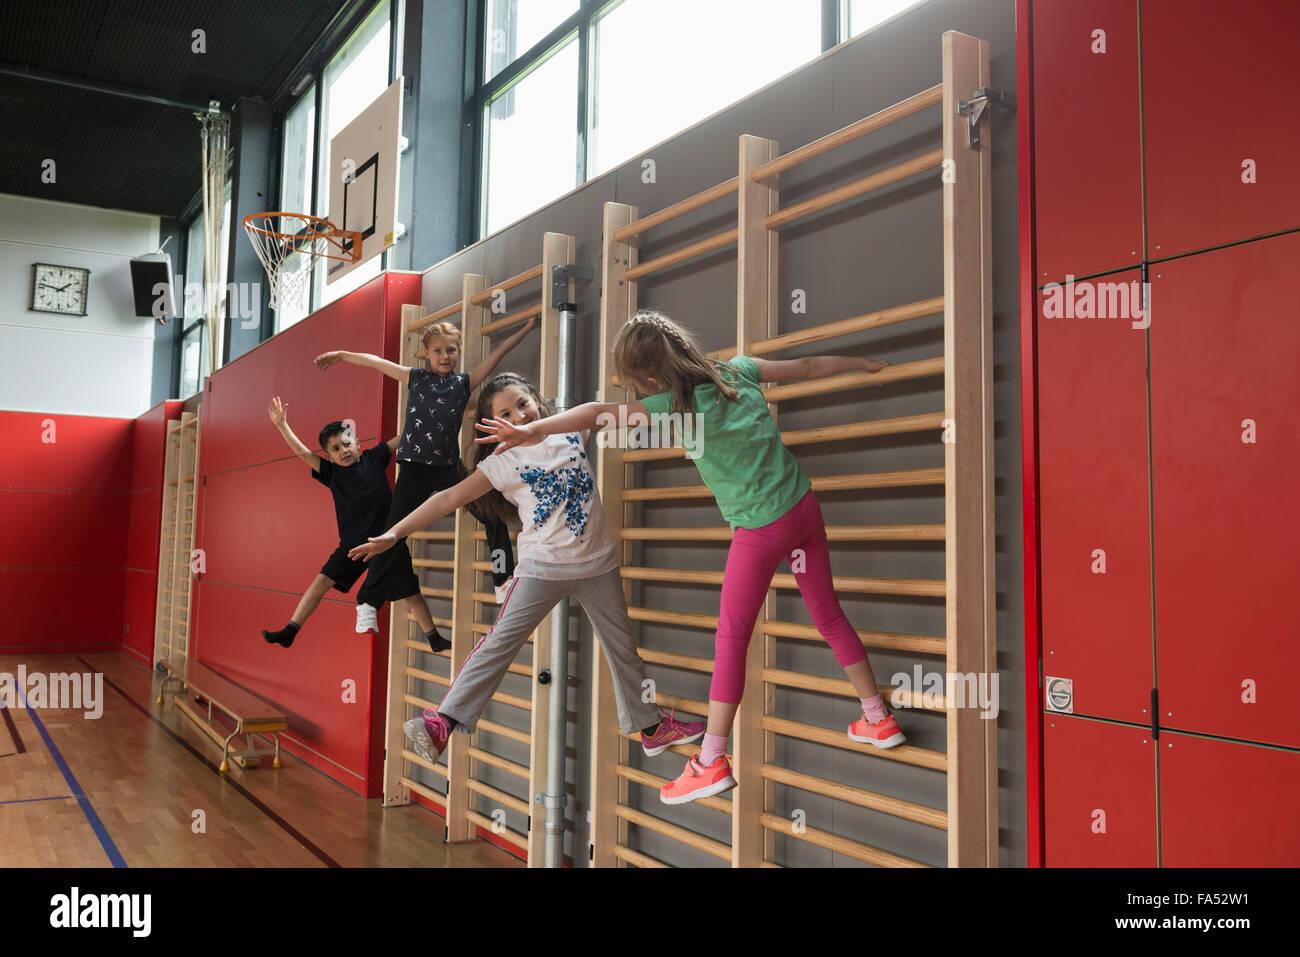 Cuatro niños ejercen sobre barras de pared en la sala de deportes, Múnich, Baviera, Alemania Imagen De Stock